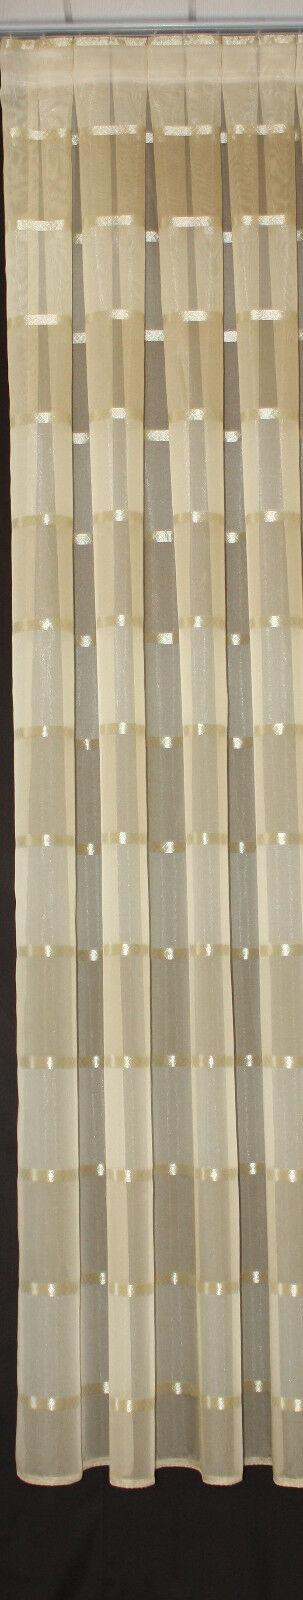 Seitenschal Dekoschal Vorhang nach Maß 48cm Breit, Höhe Höhe Höhe  0- 250 cm frei wählbar 48bdd0